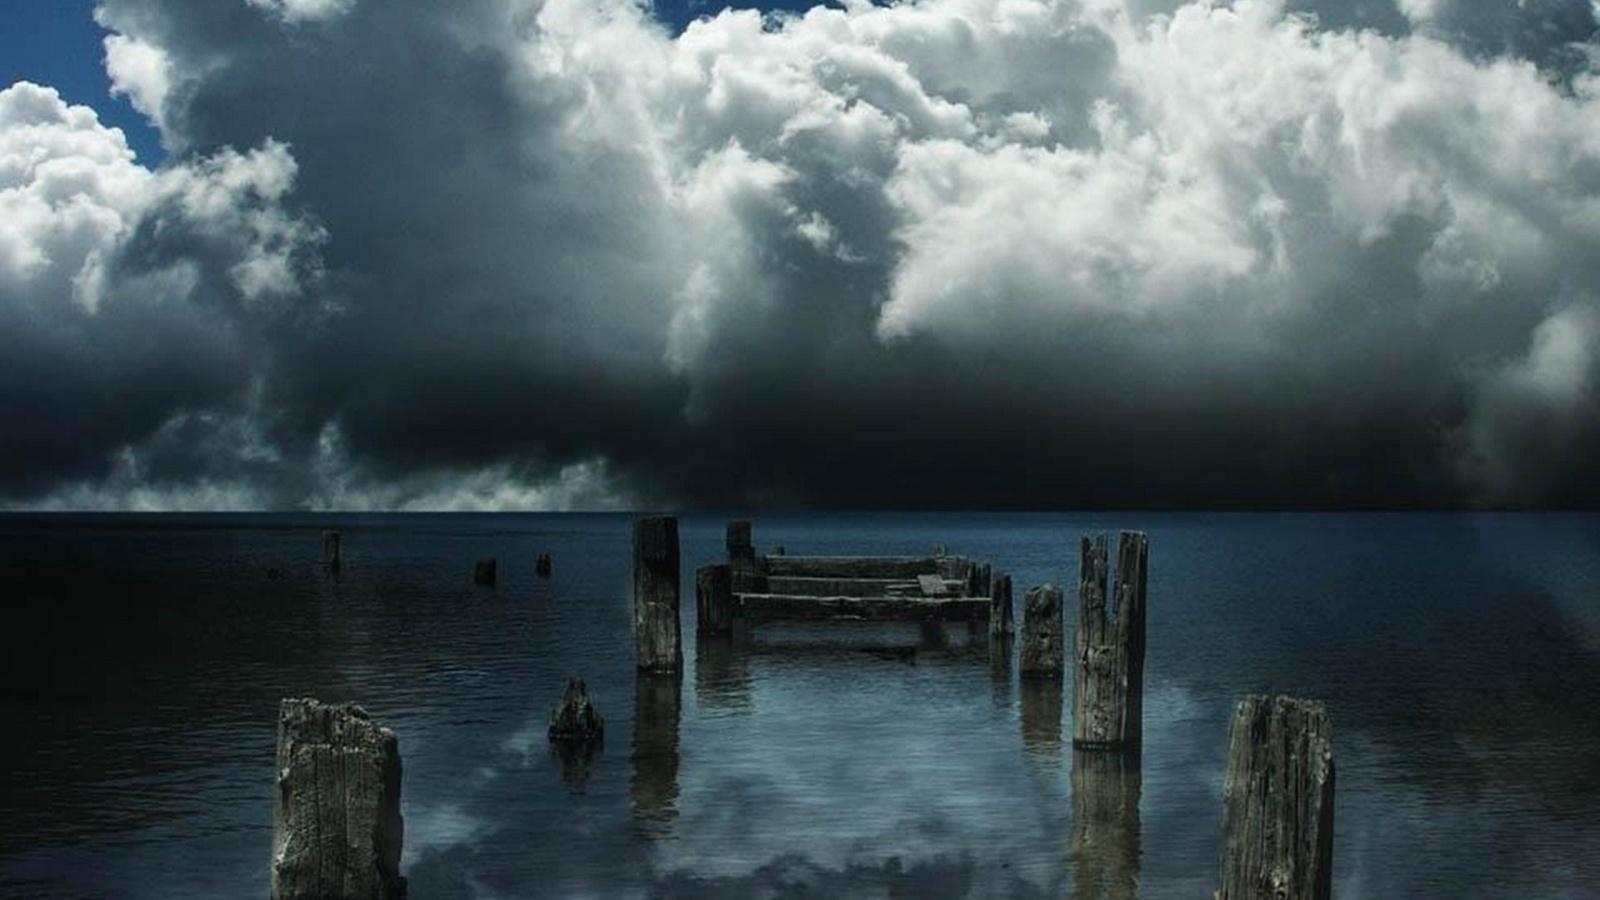 море, облака, сваи, затишье, старый причал, карлос альберто бау